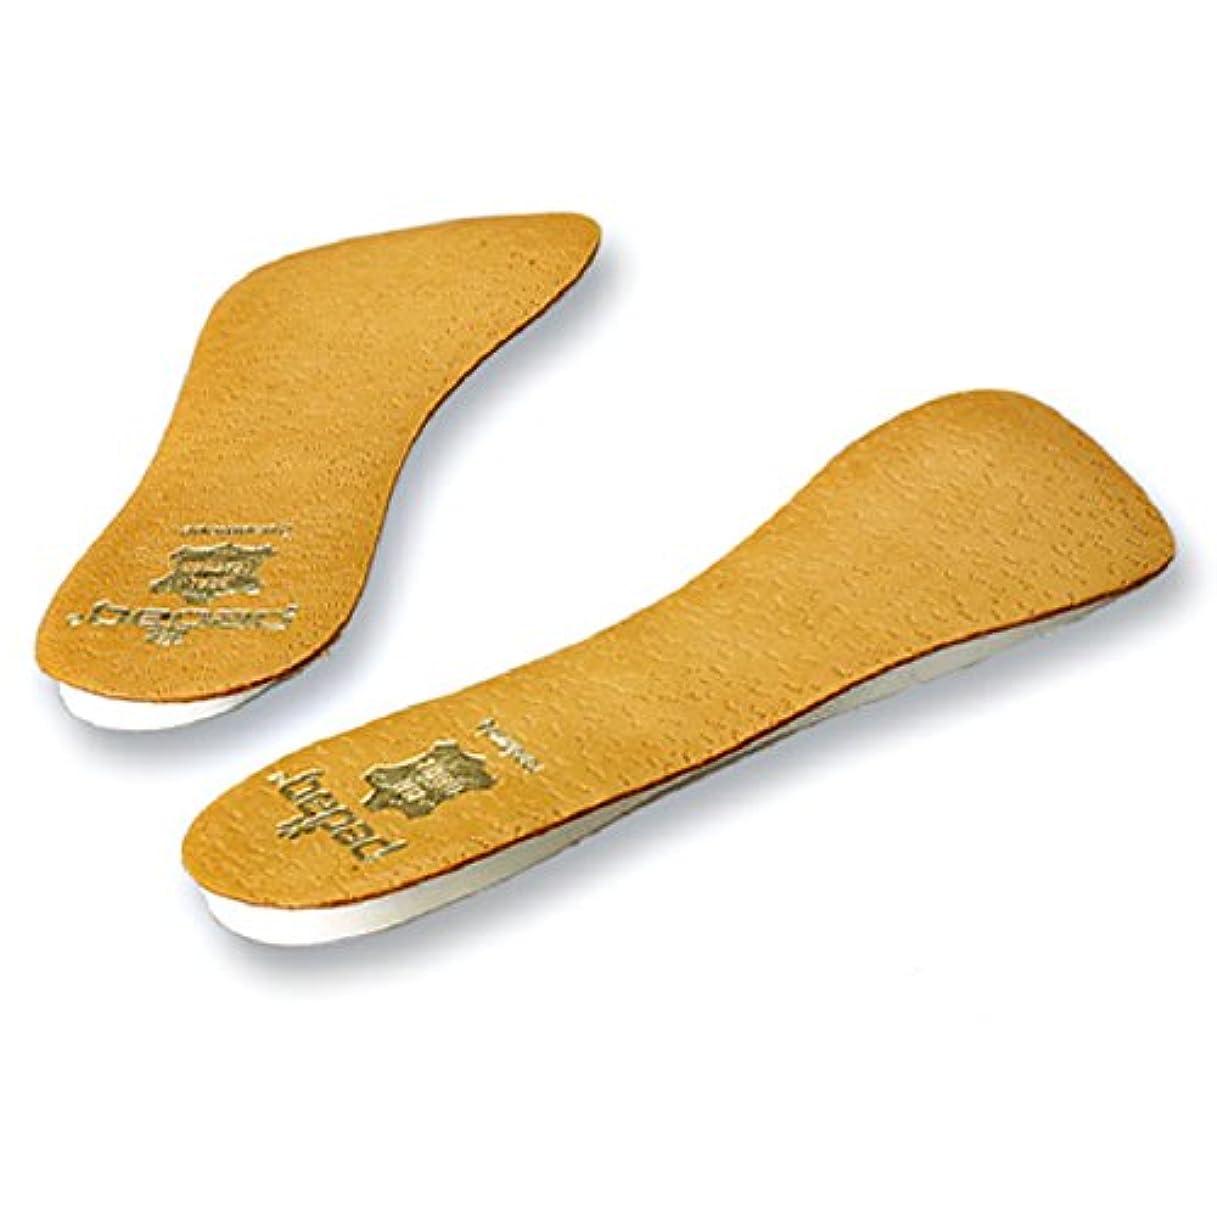 人質マリンピットO脚歩行を補正する、ロングタイプが靴の中敷き効果『ペダックプラスワン』 M(22.5~24.5cm)